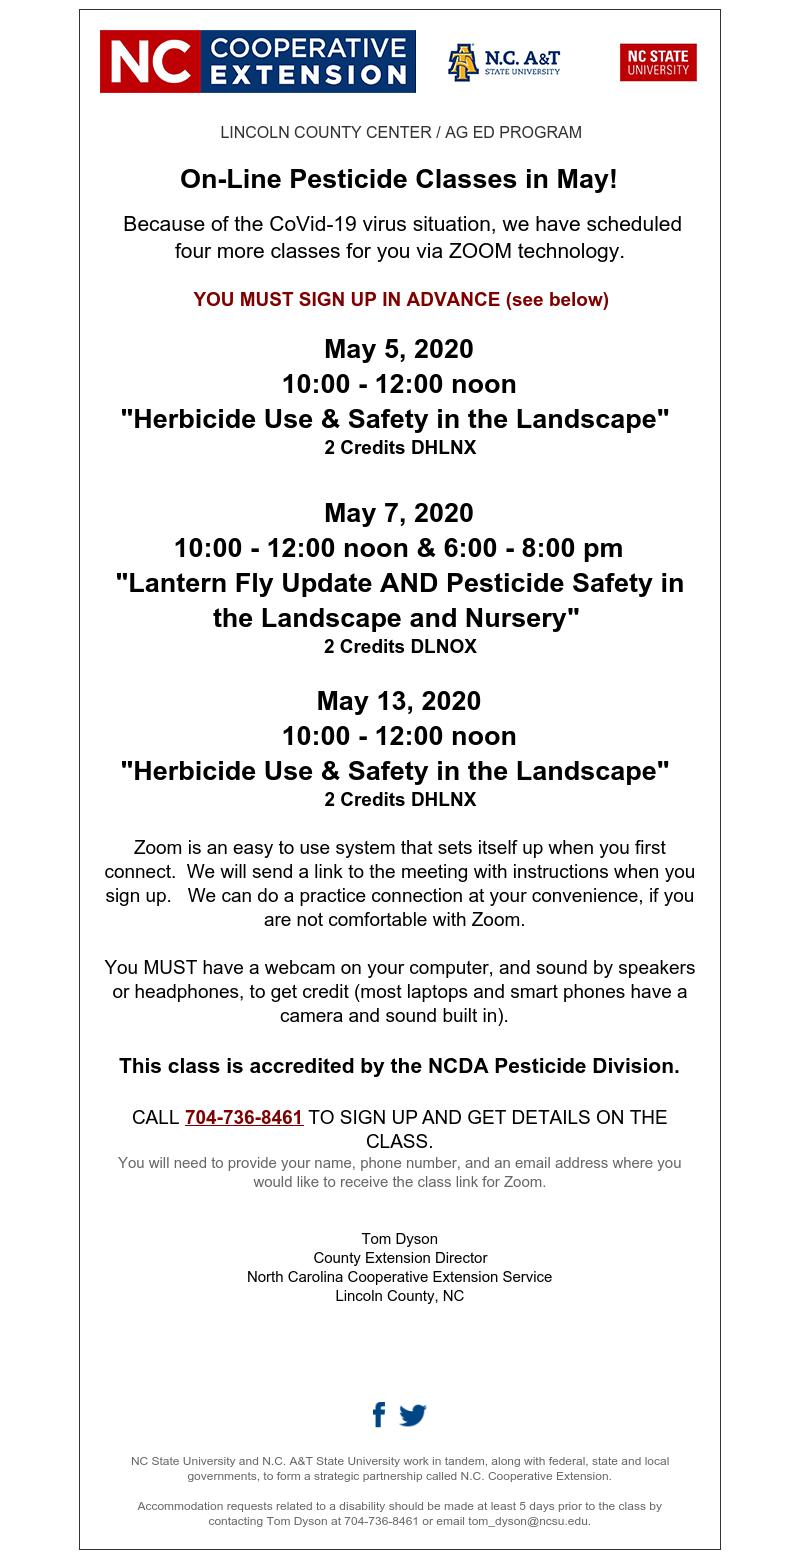 online pesticide classes flyer